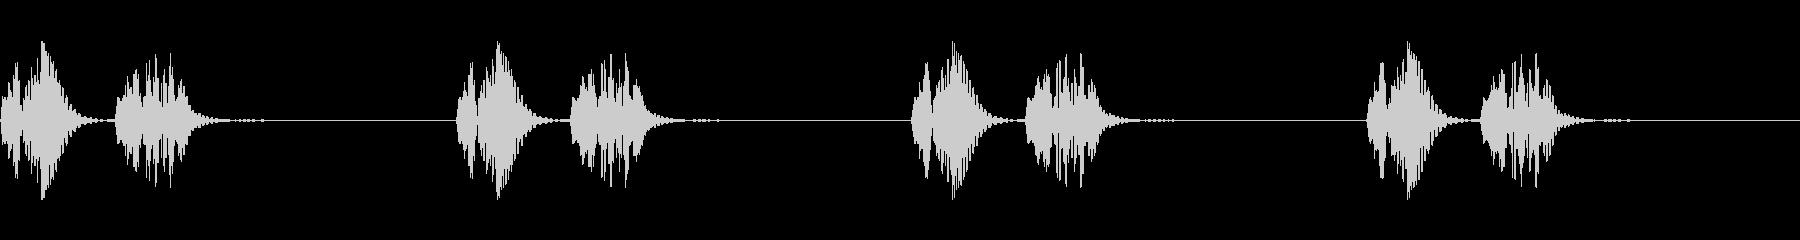 心臓の鼓動,心音の効果音,ドキドキ③の未再生の波形